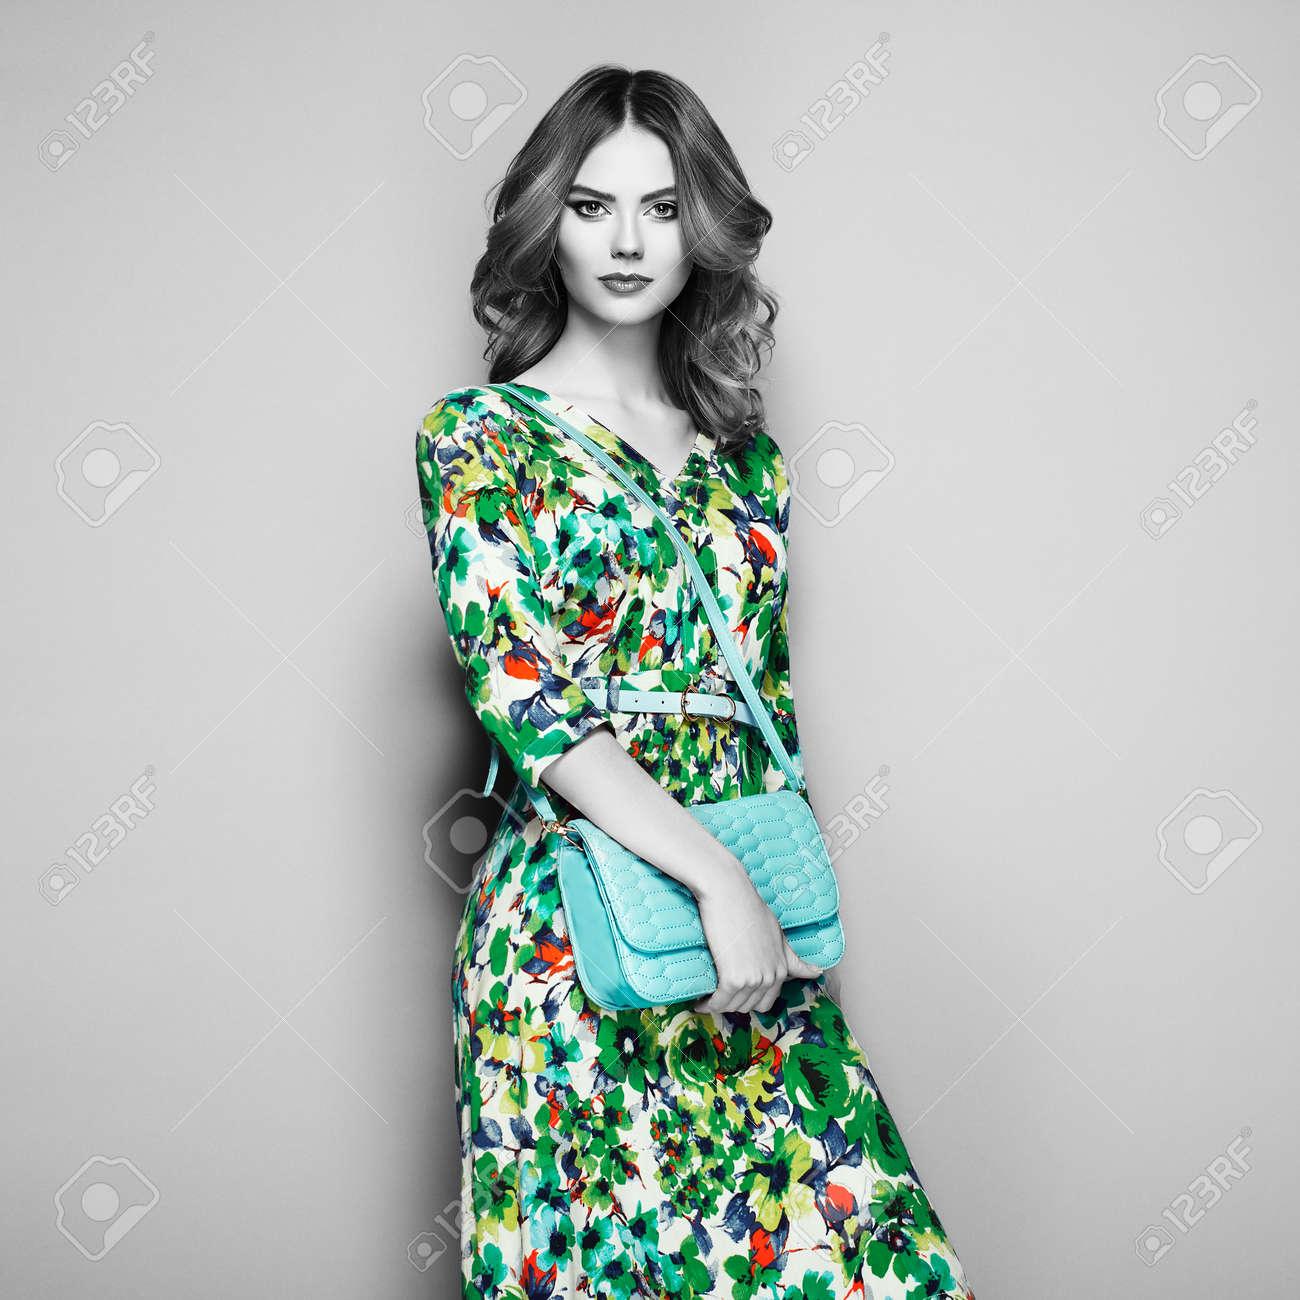 6ff7758dfed3 Archivio Fotografico - Giovane donna castana in vestito floreale da  primavera estate. Ragazza che propone su una priorità bassa bianca.